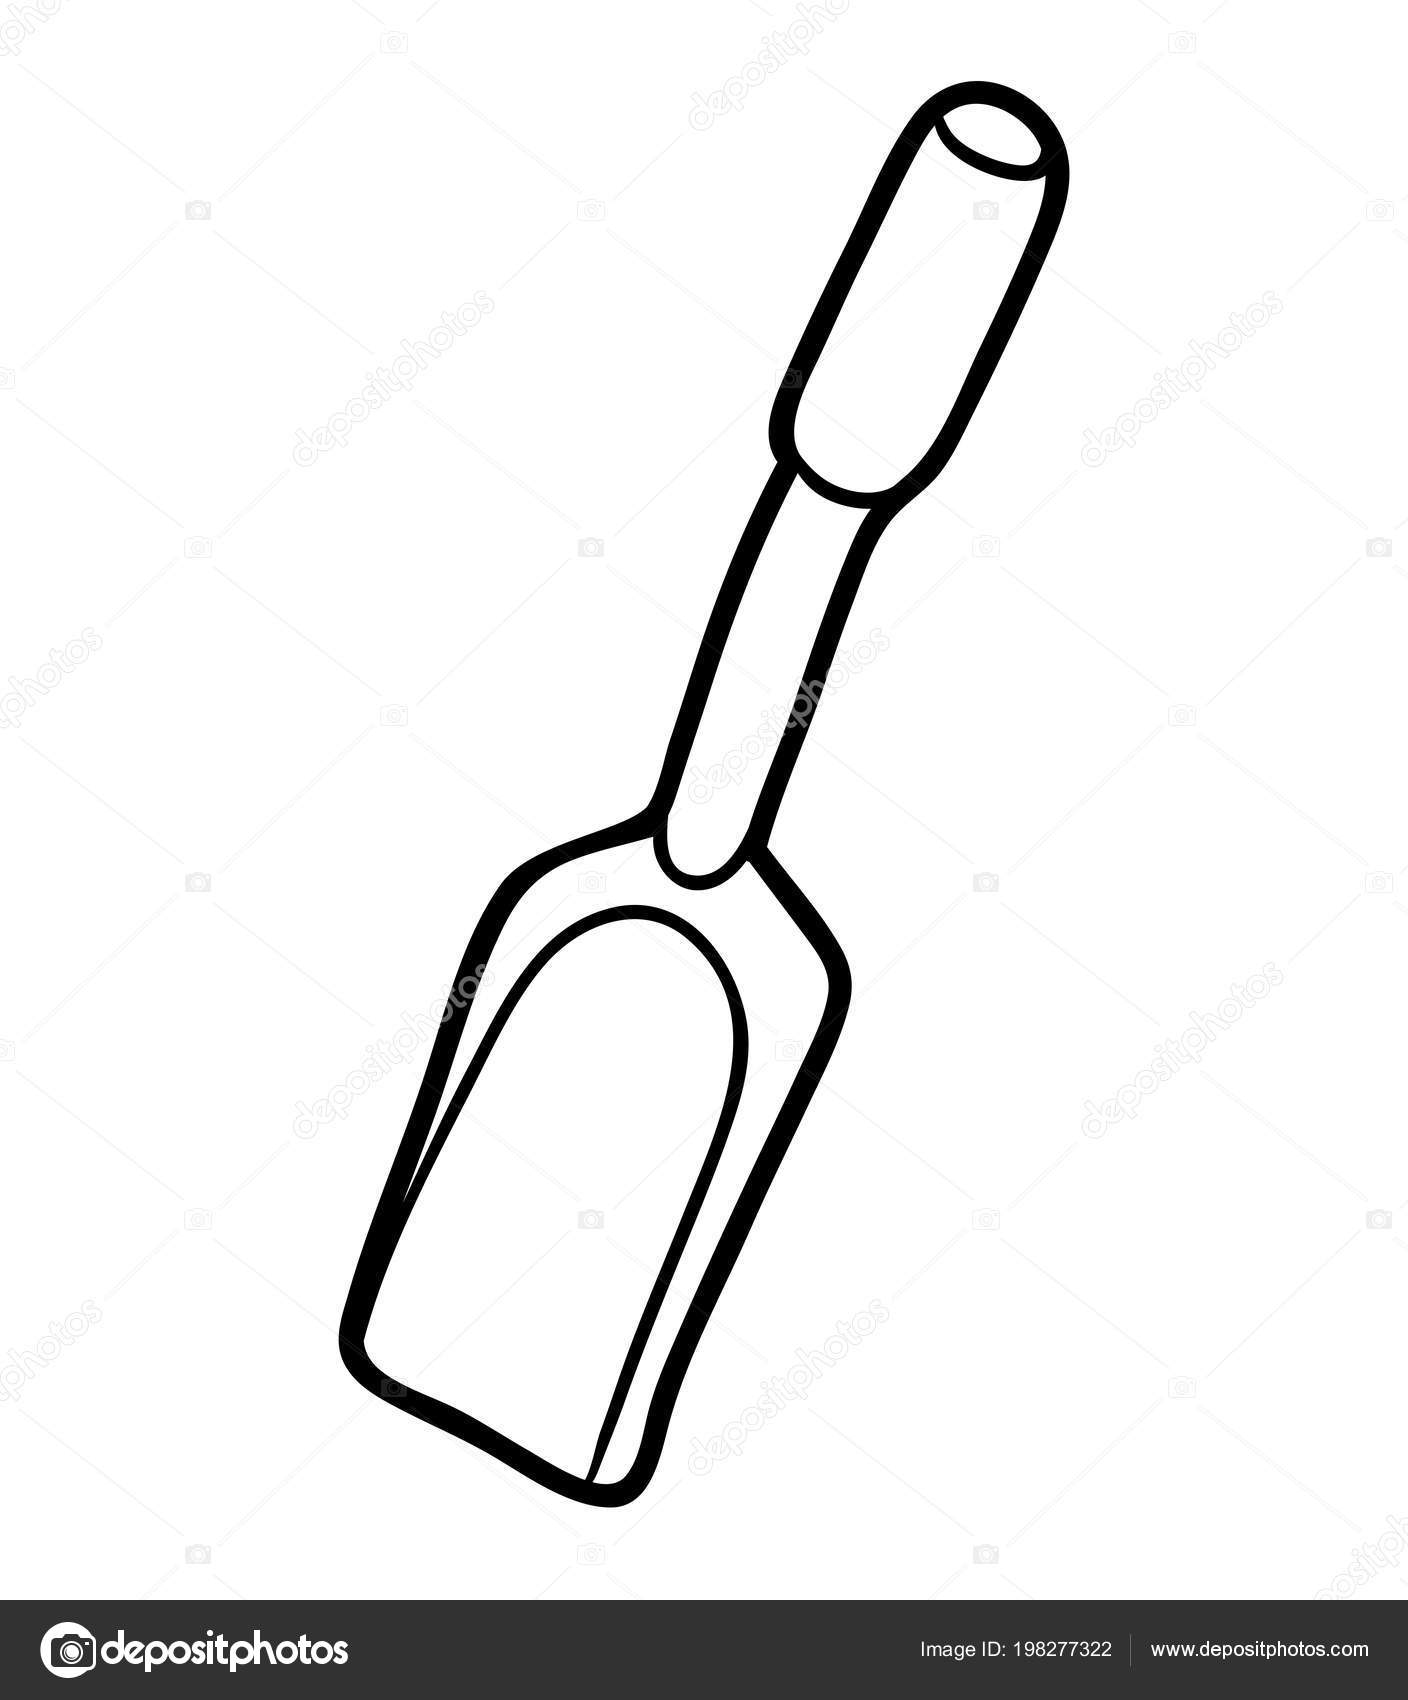 раскраска лопата для детей раскраска детей лопата